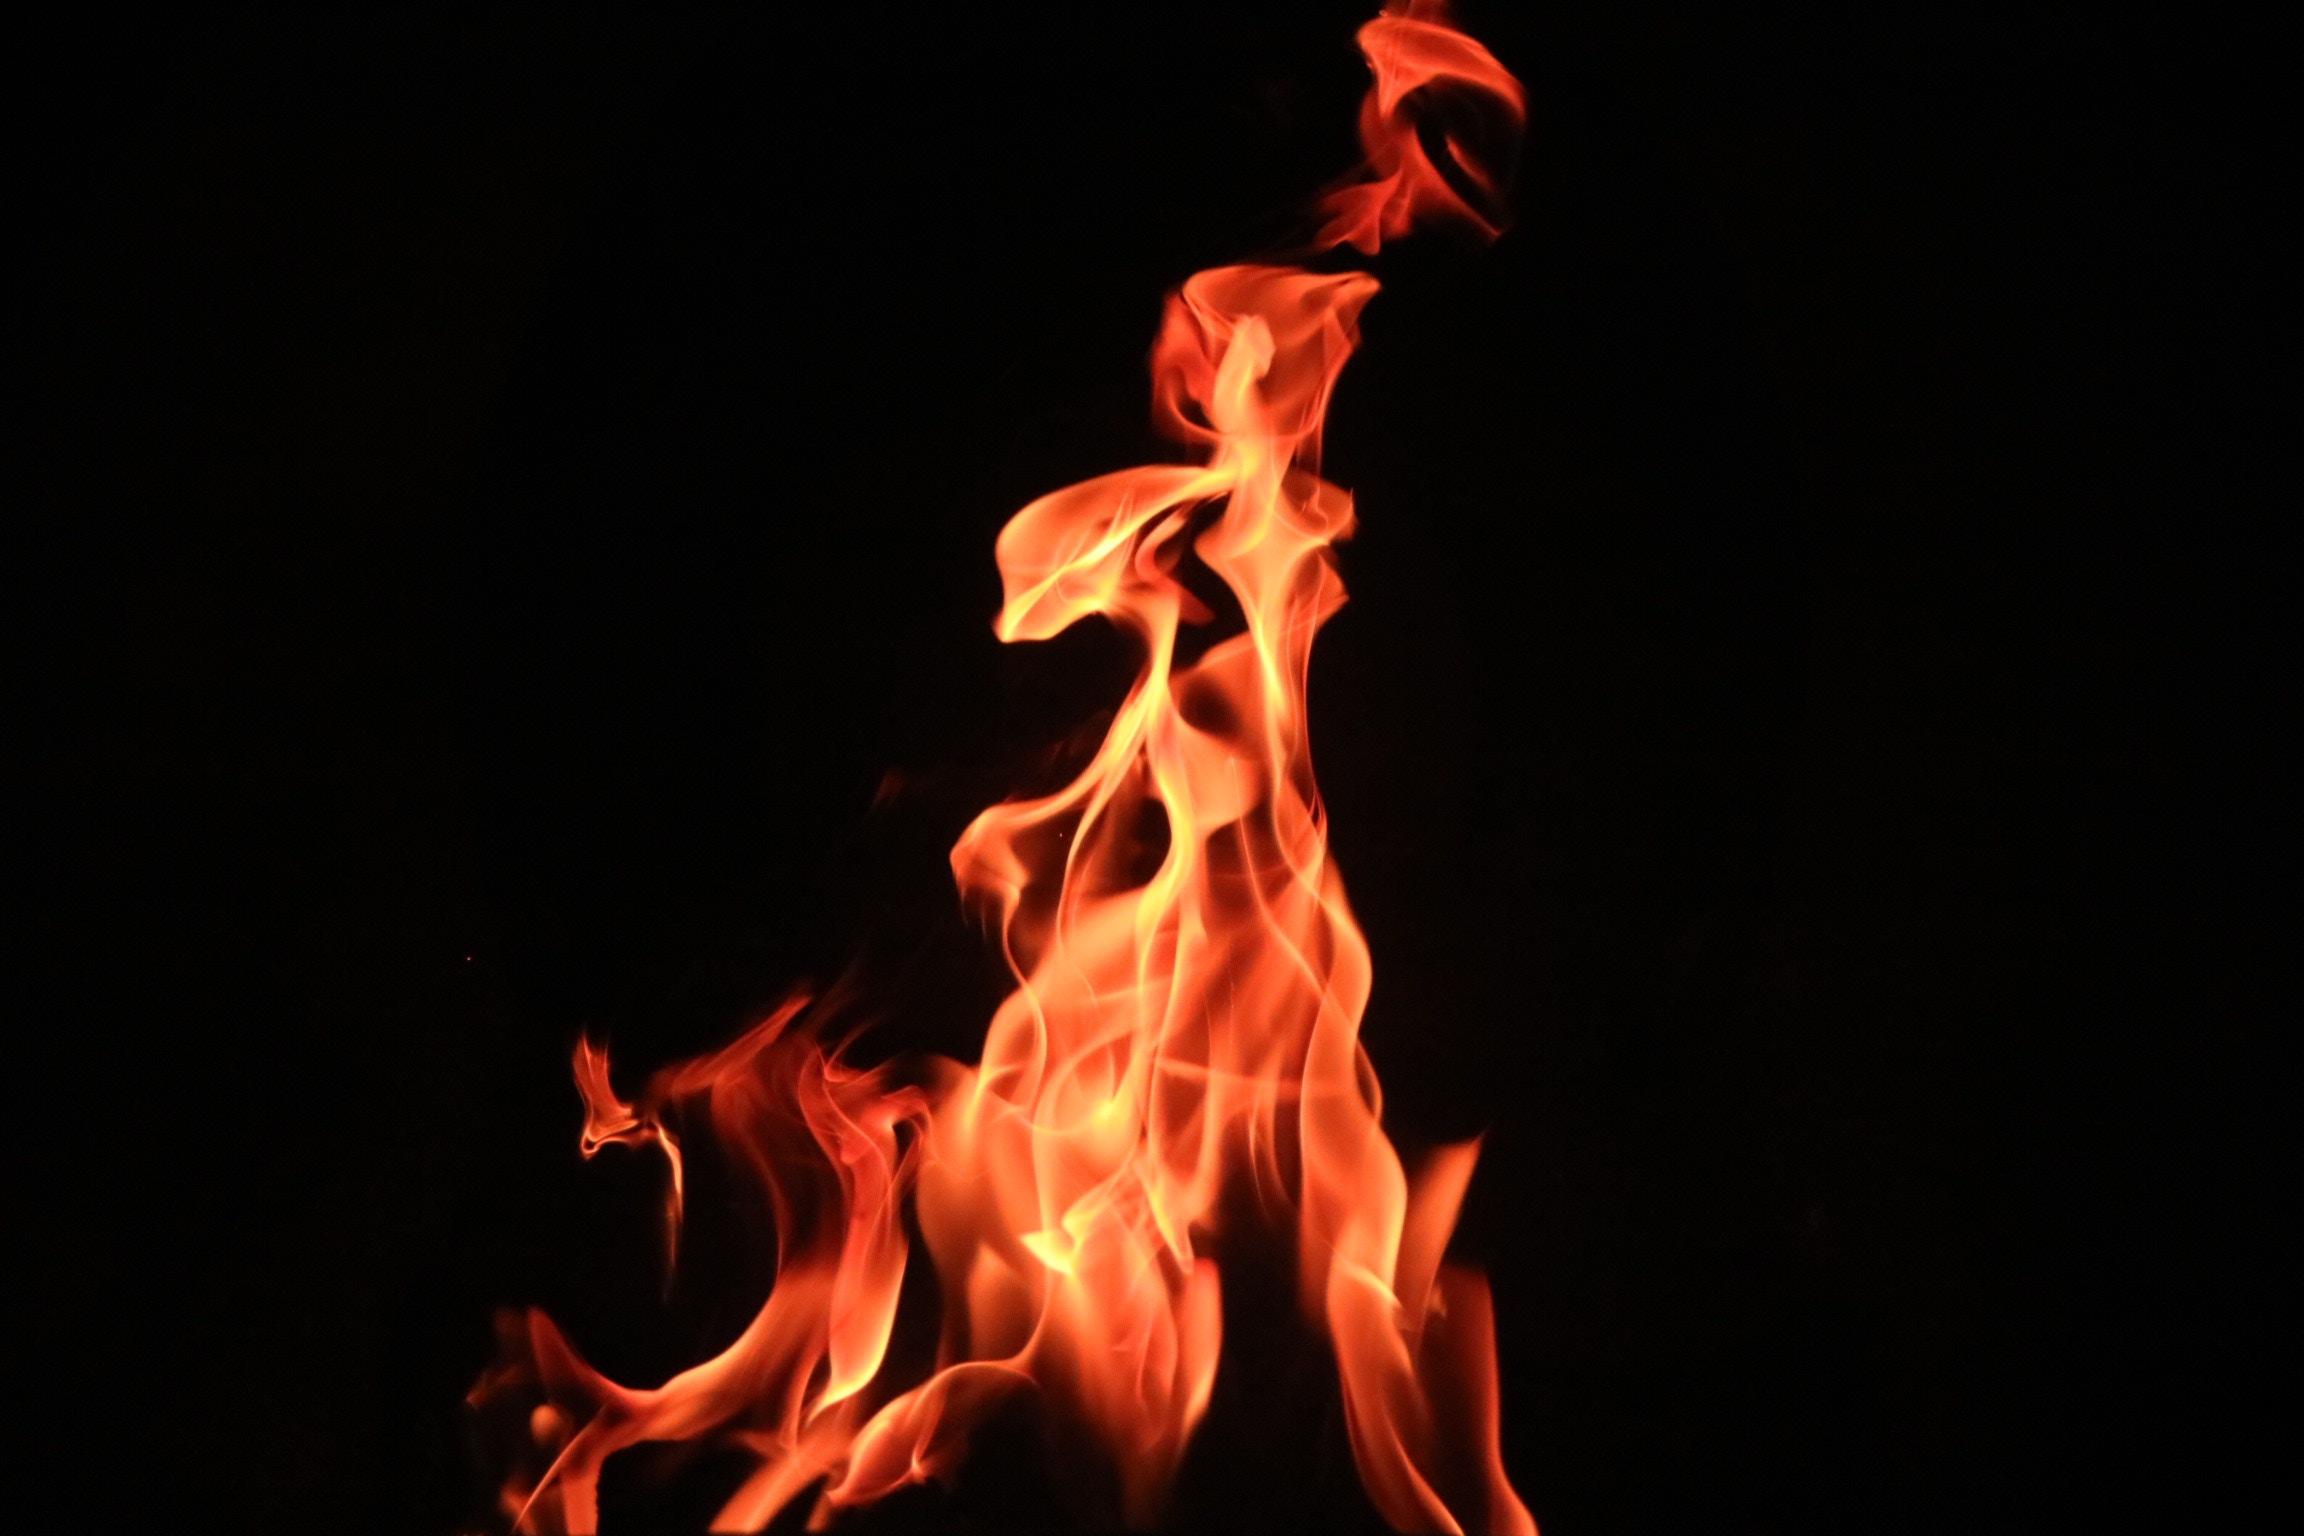 РТрехлетний ребенок выпрыгнул в окно спасаясь от пожара